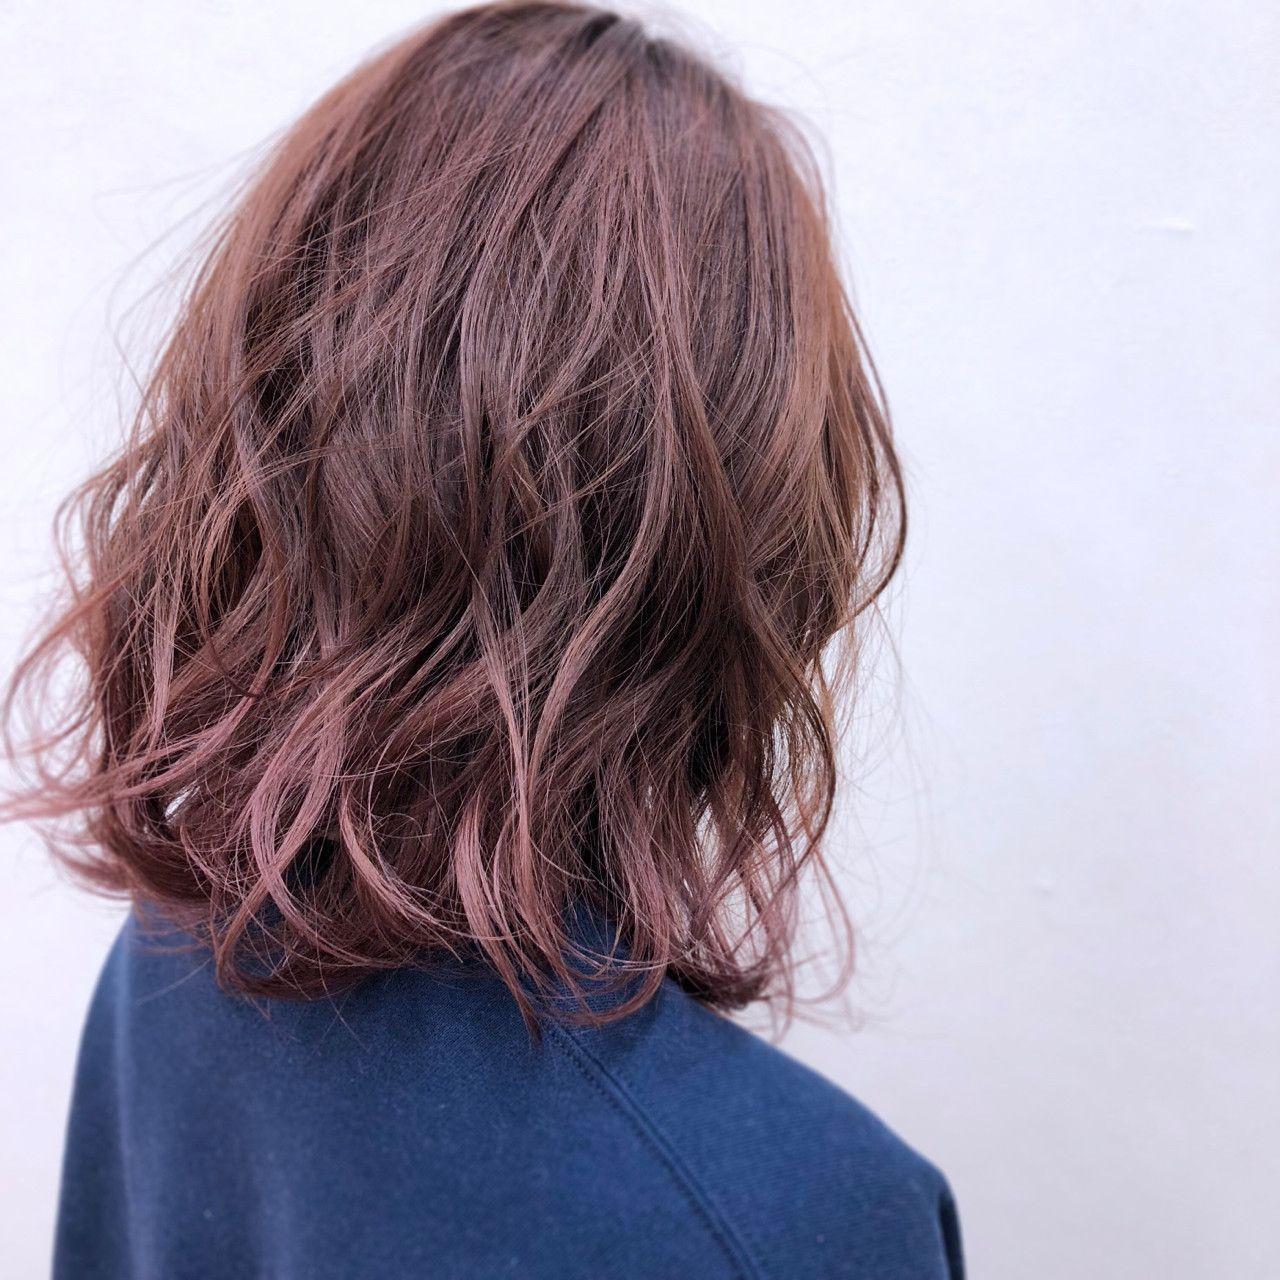 パーソナルカラー診断で自分にピッタリの髪色が見つかる Hair